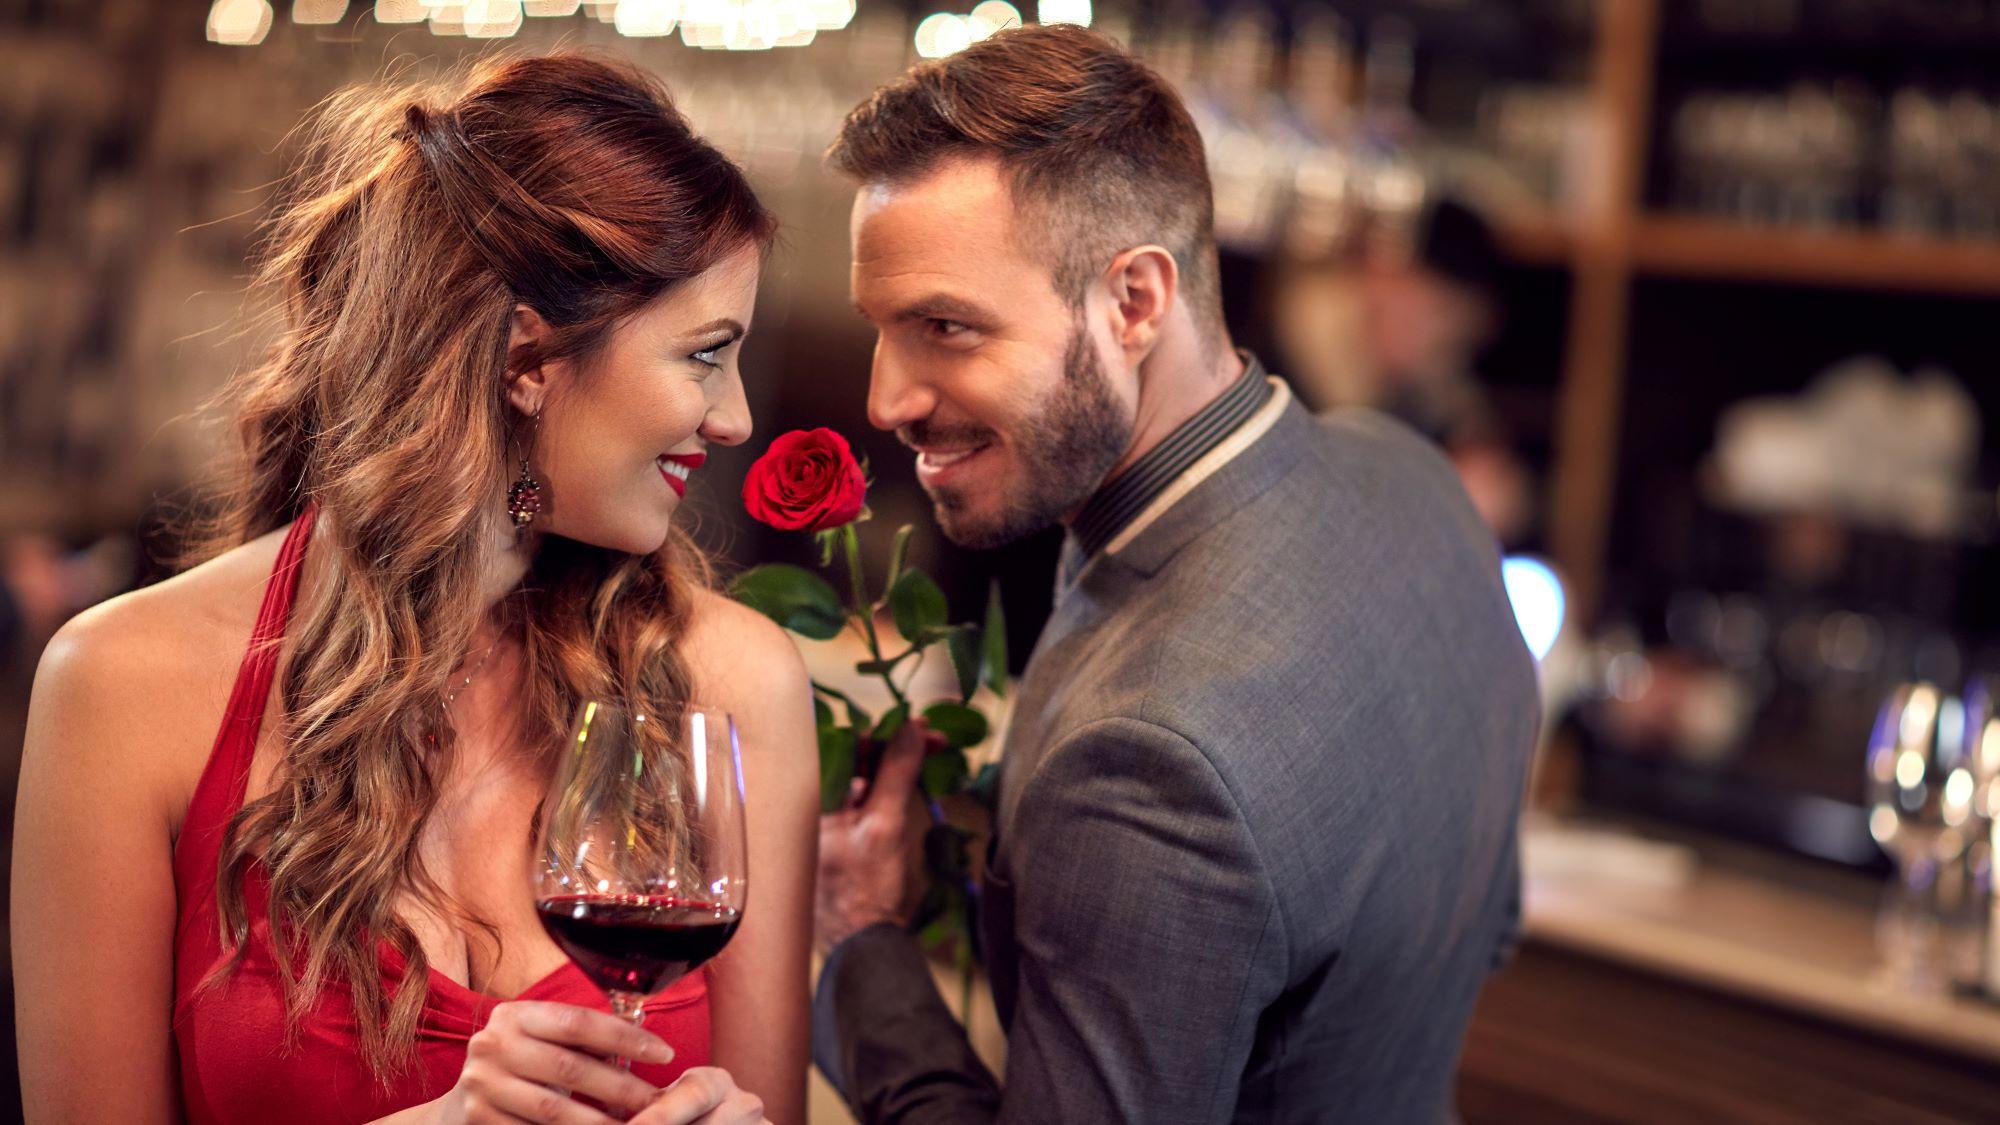 Frau und Mann in romantischer Pose am flirten